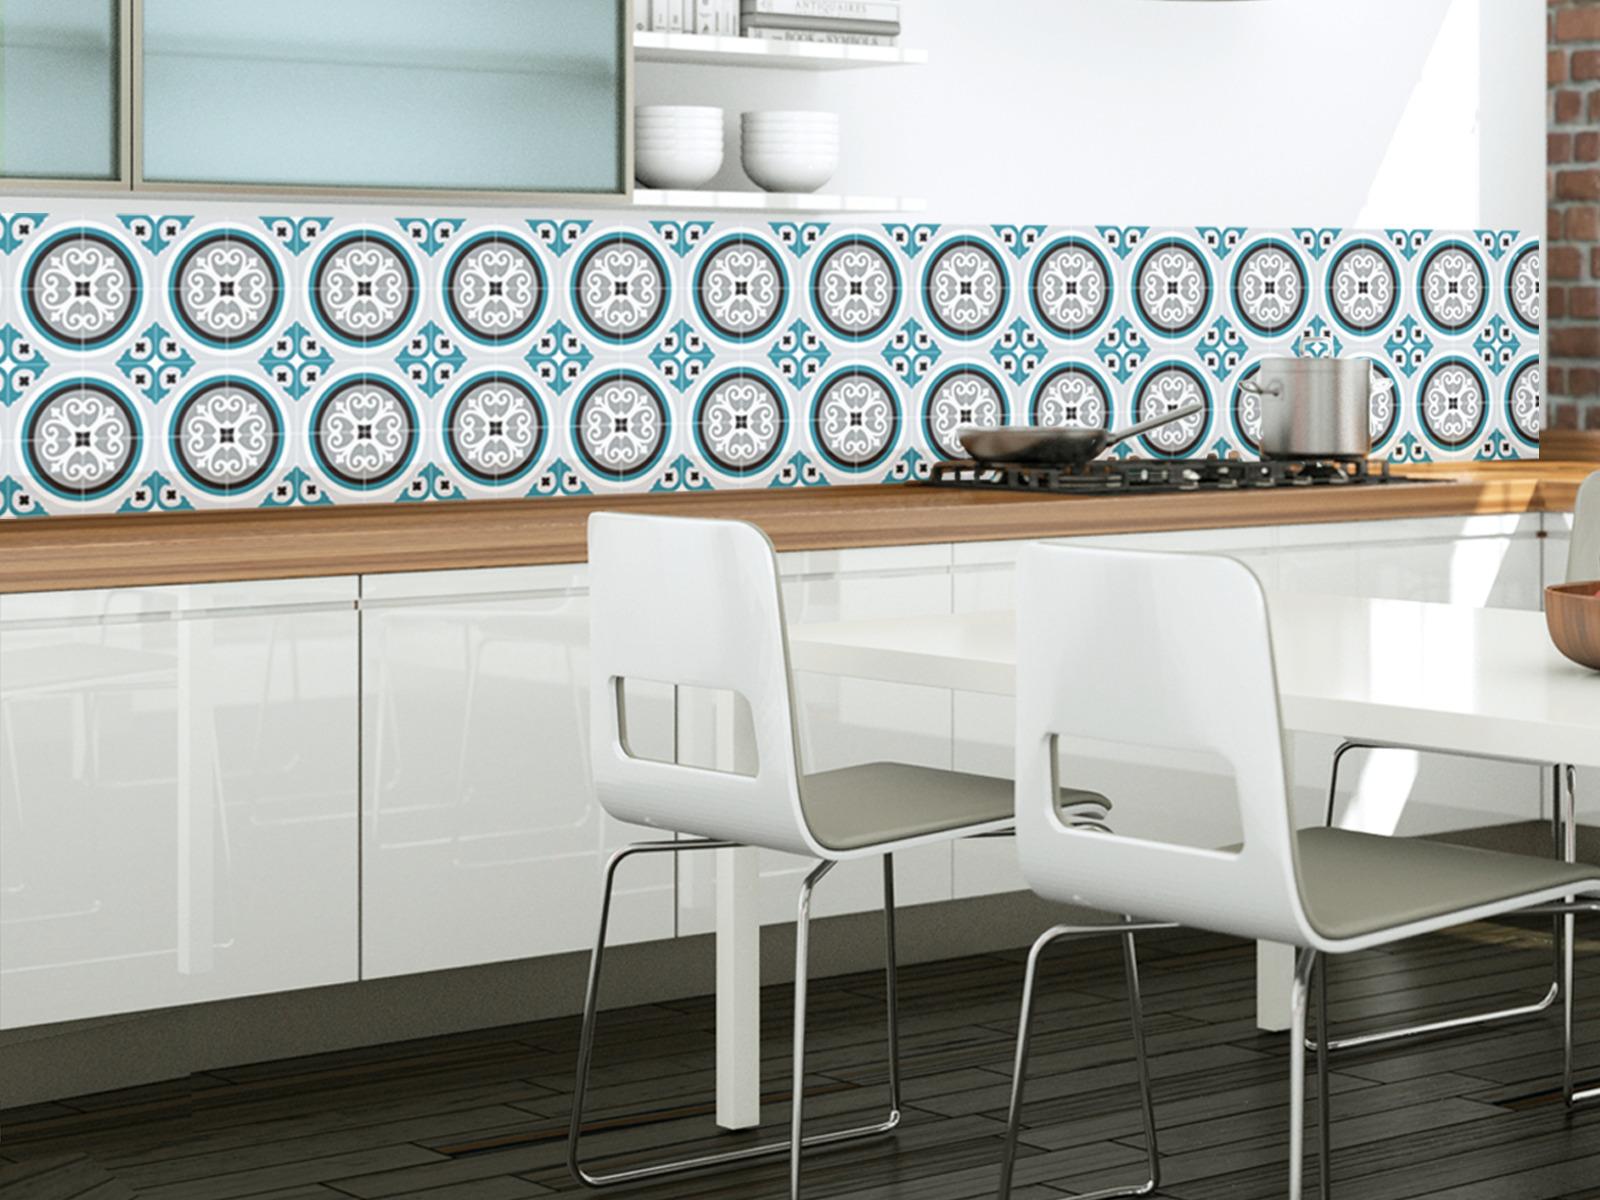 Cuisine Carreaux intérieur crédence adhésive cuisine carreaux de ciment - idée pour cuisine